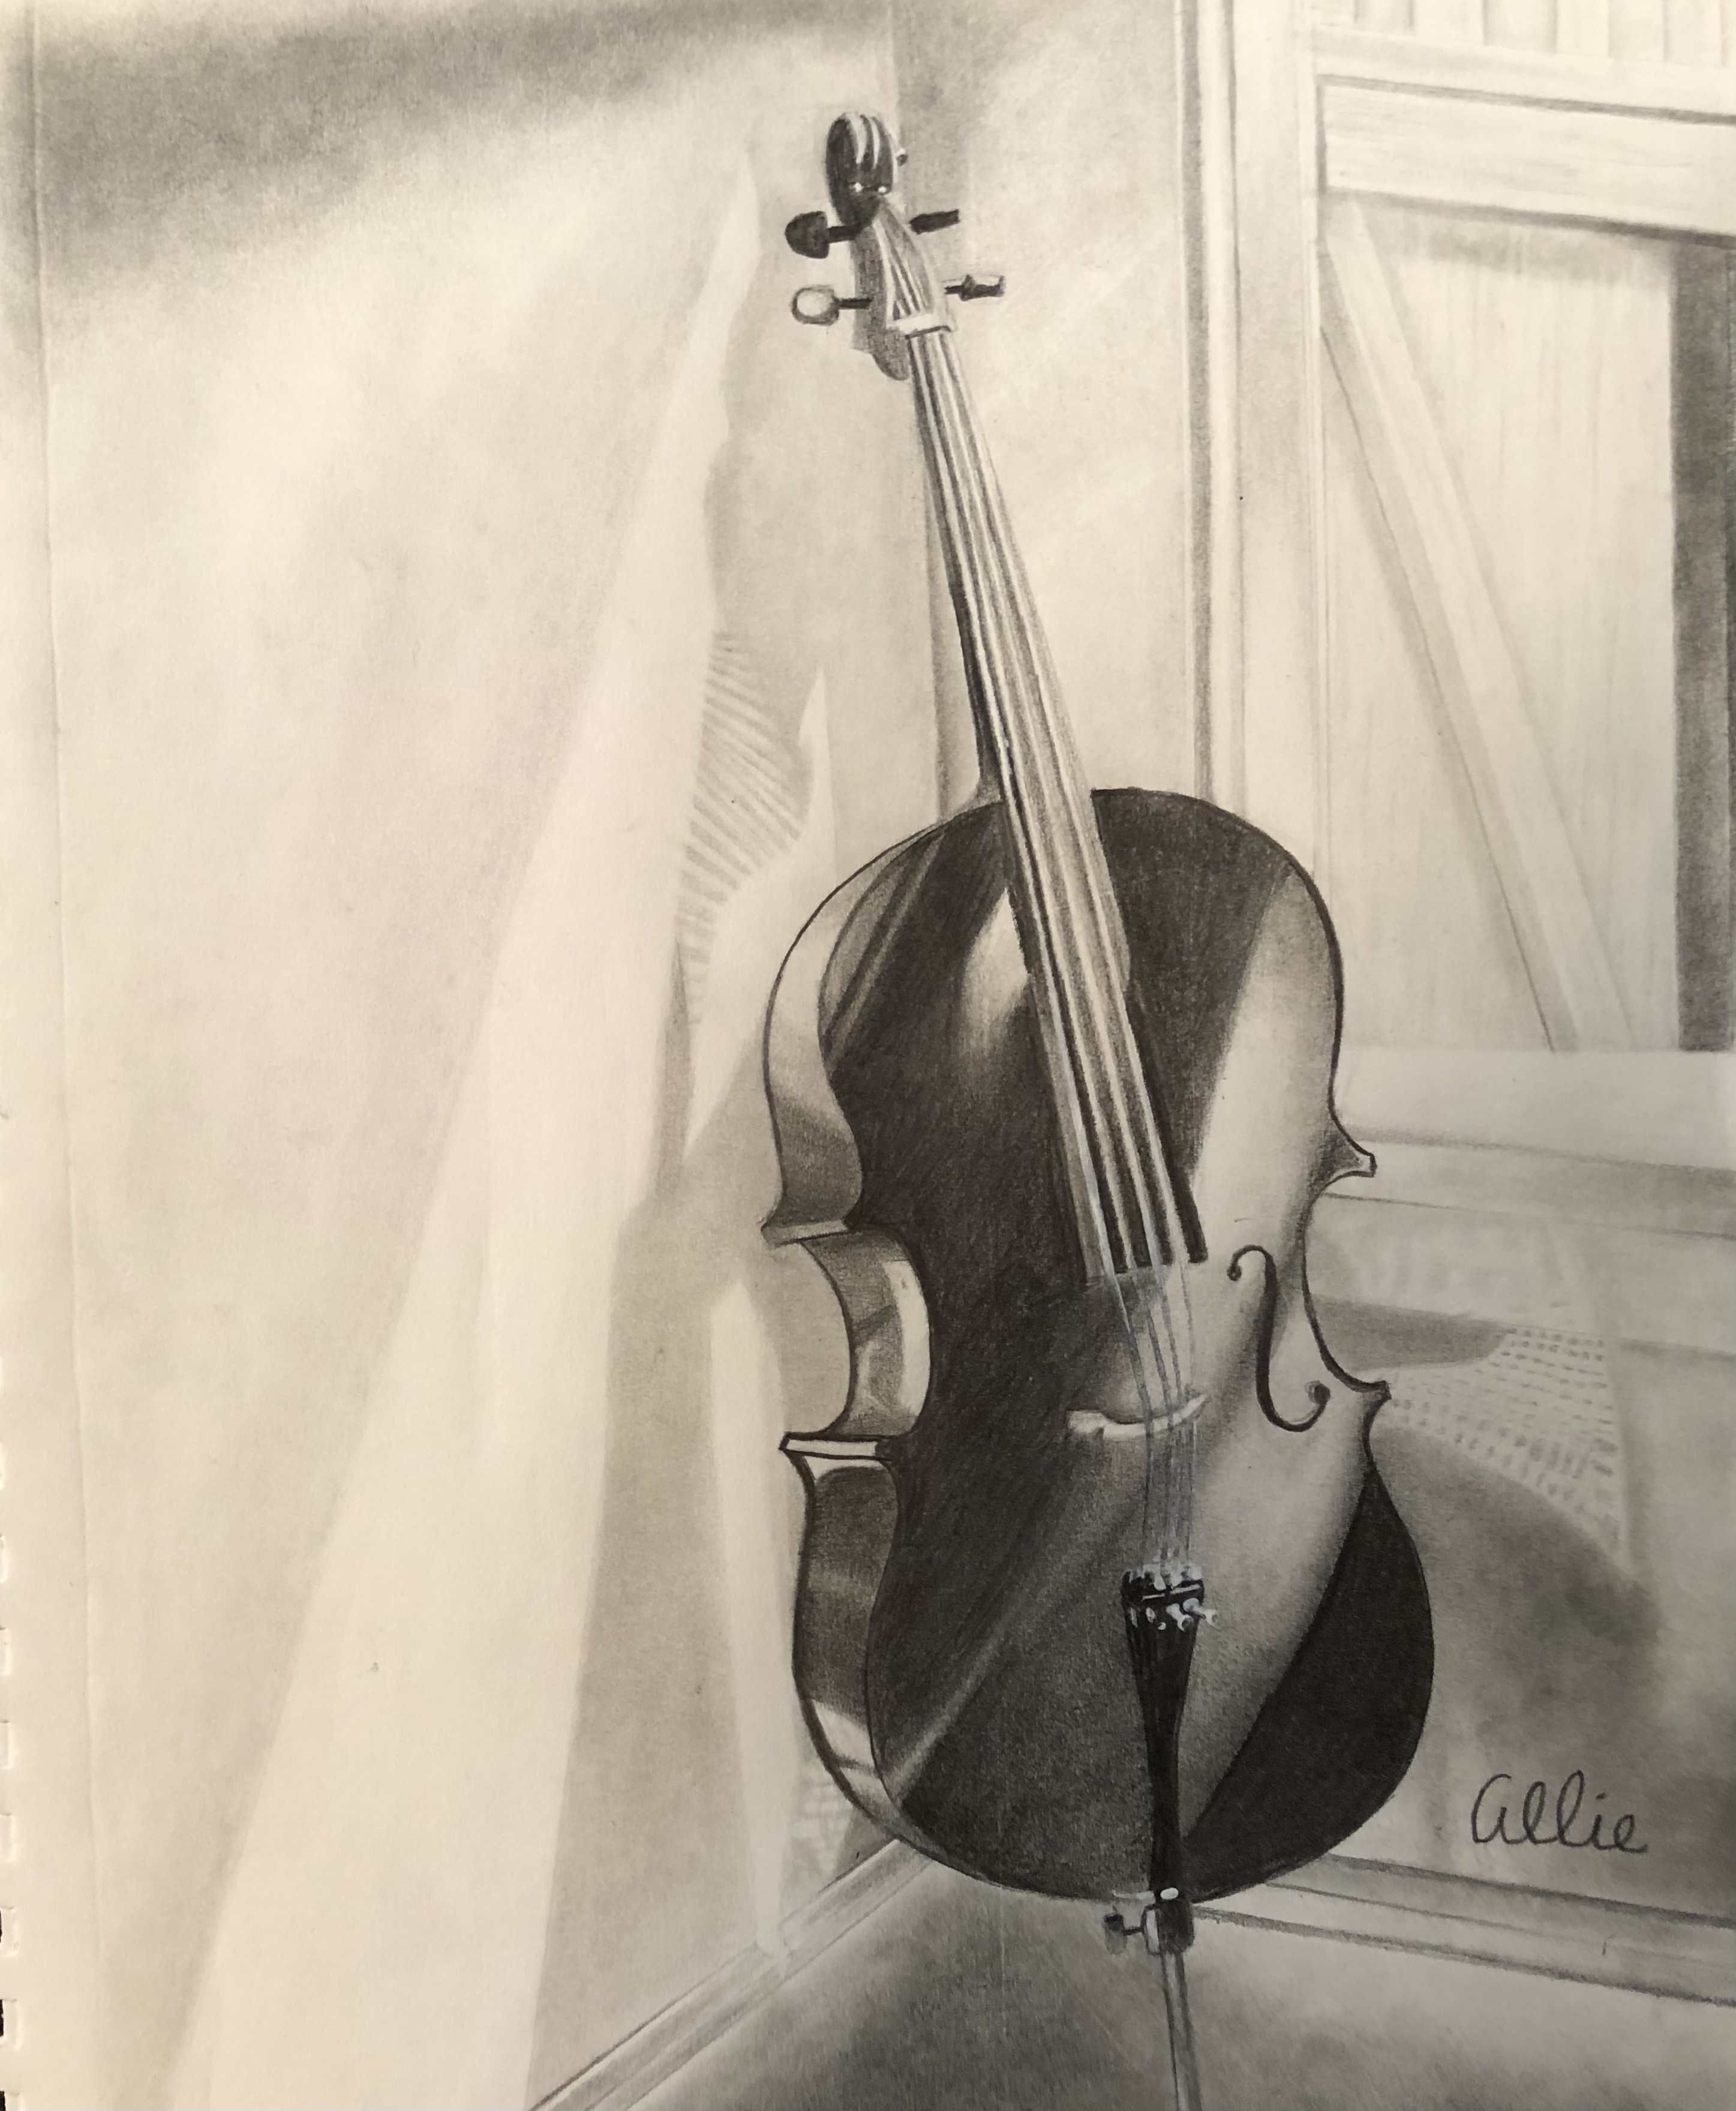 Sketchbook 14: Cello